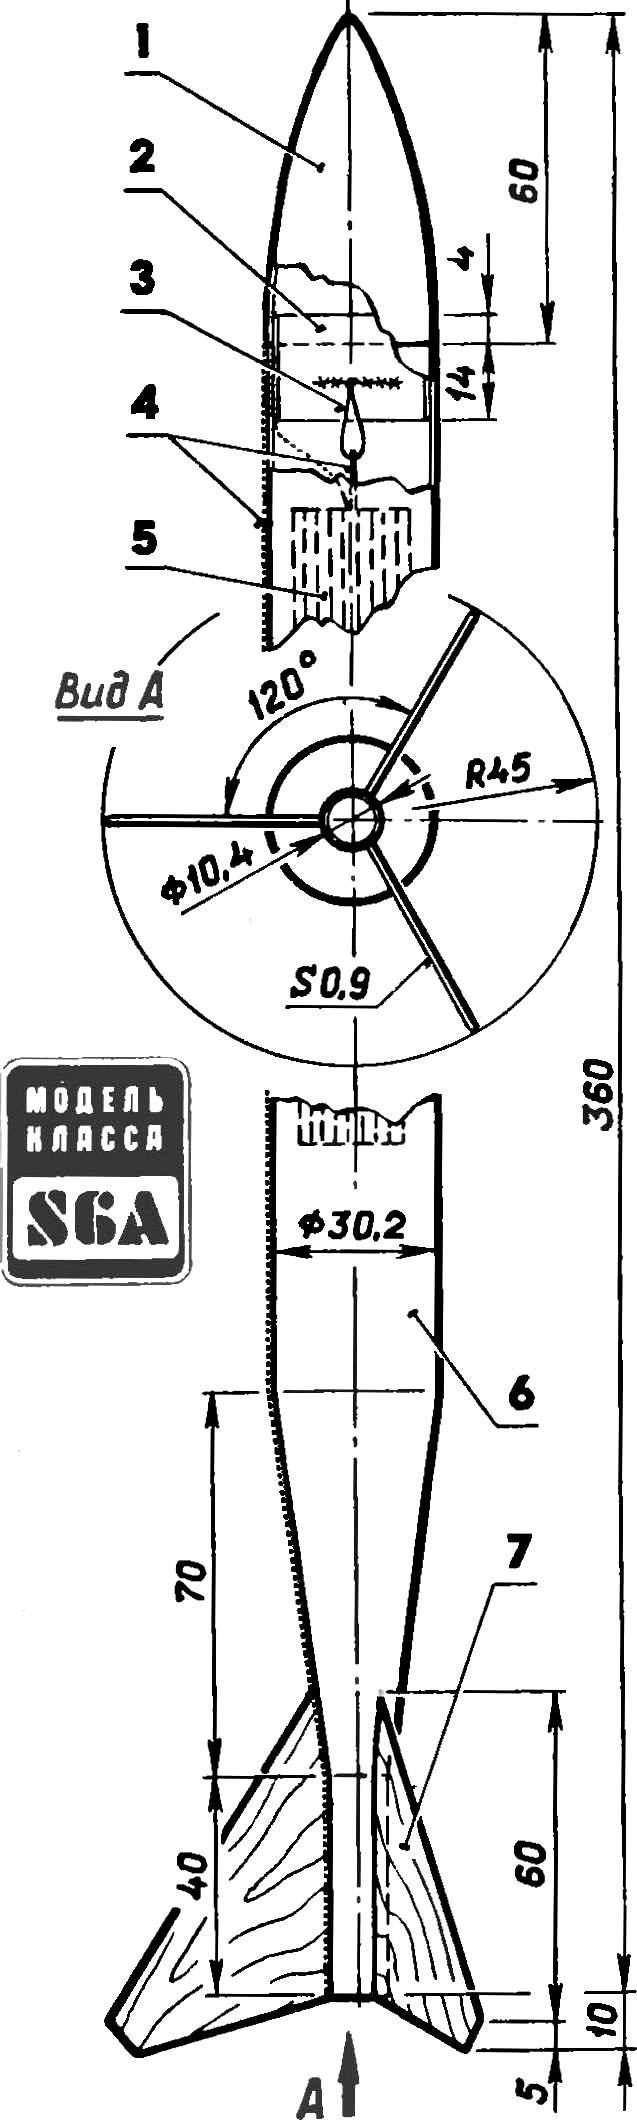 Модель ракеты класса S6A чемпиона мира 1990 года Ж. Маринова (НРБ).